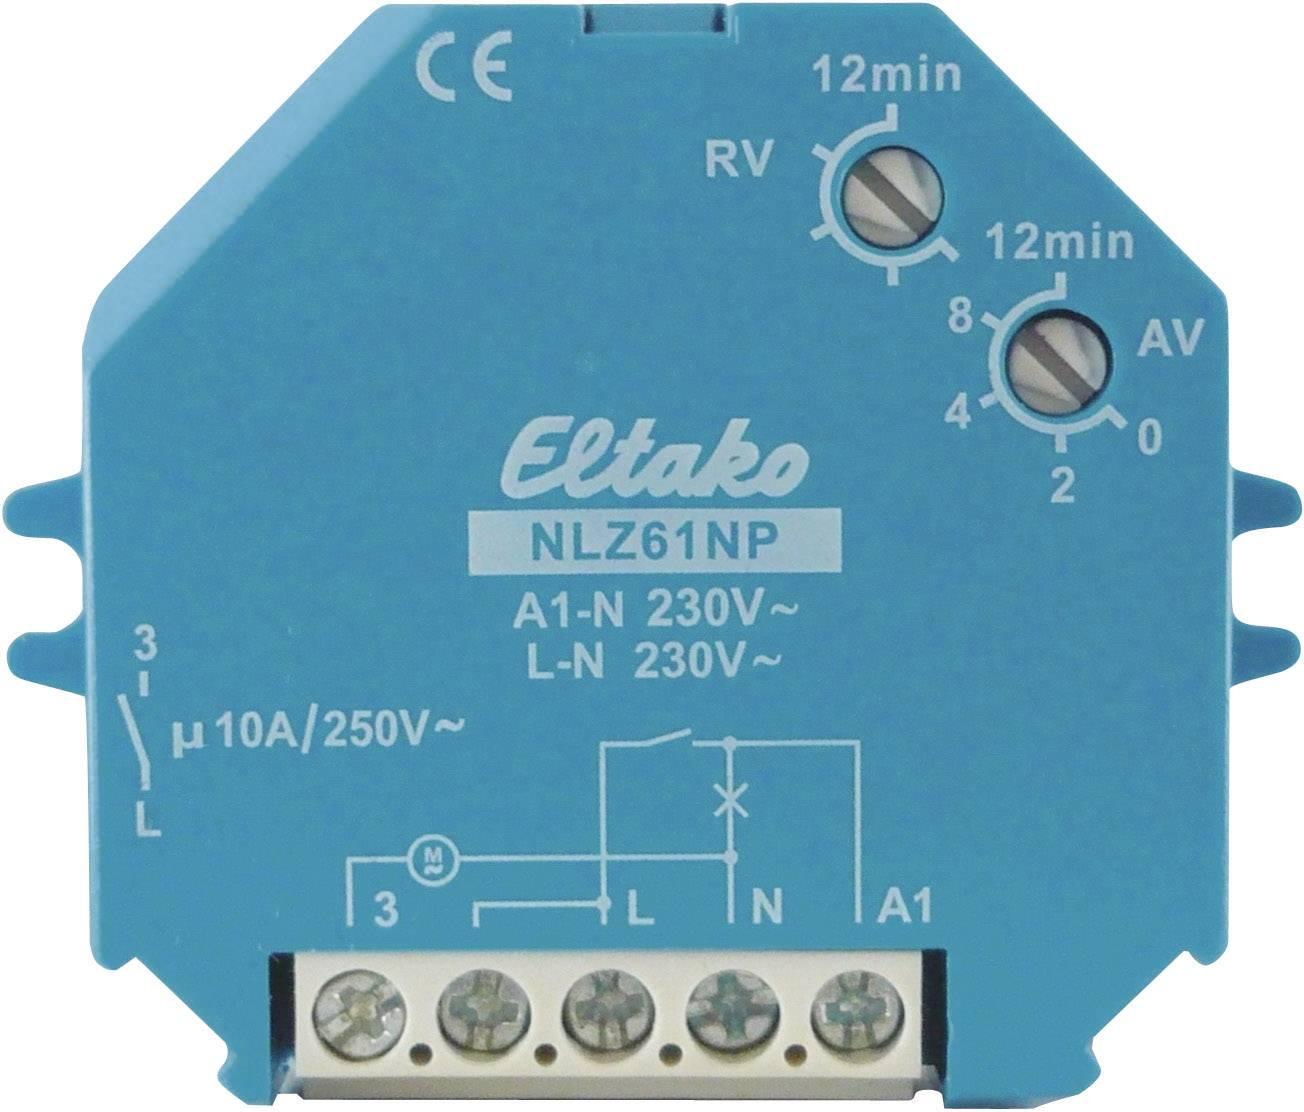 Časový spínač Eltako NLZ61NP-230V, 230 V (61100230-1)